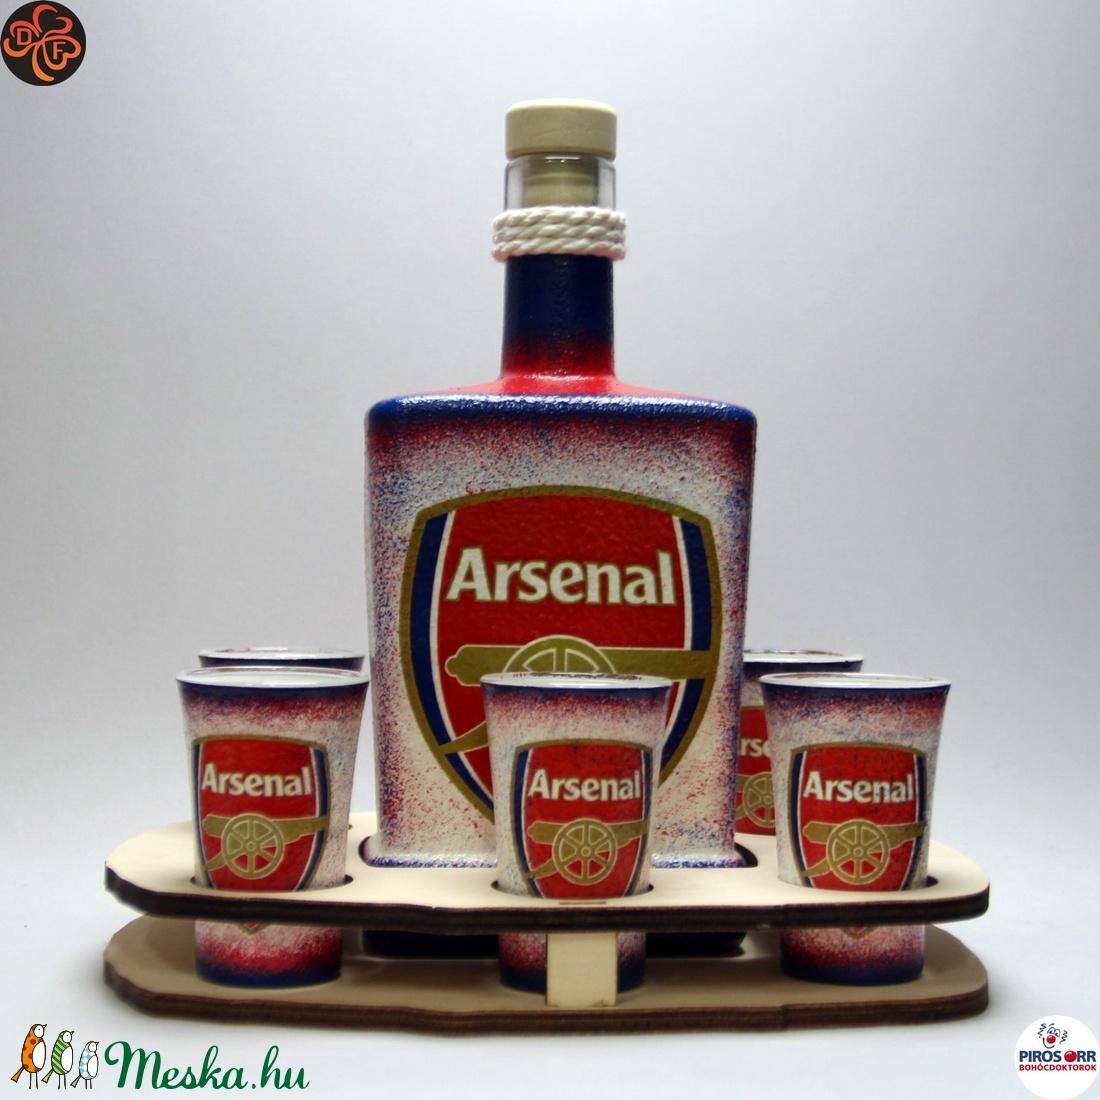 ARSENAL pálinkás szett  ; Arsenal futball szurkolóknak (decorfantasy) - Meska.hu